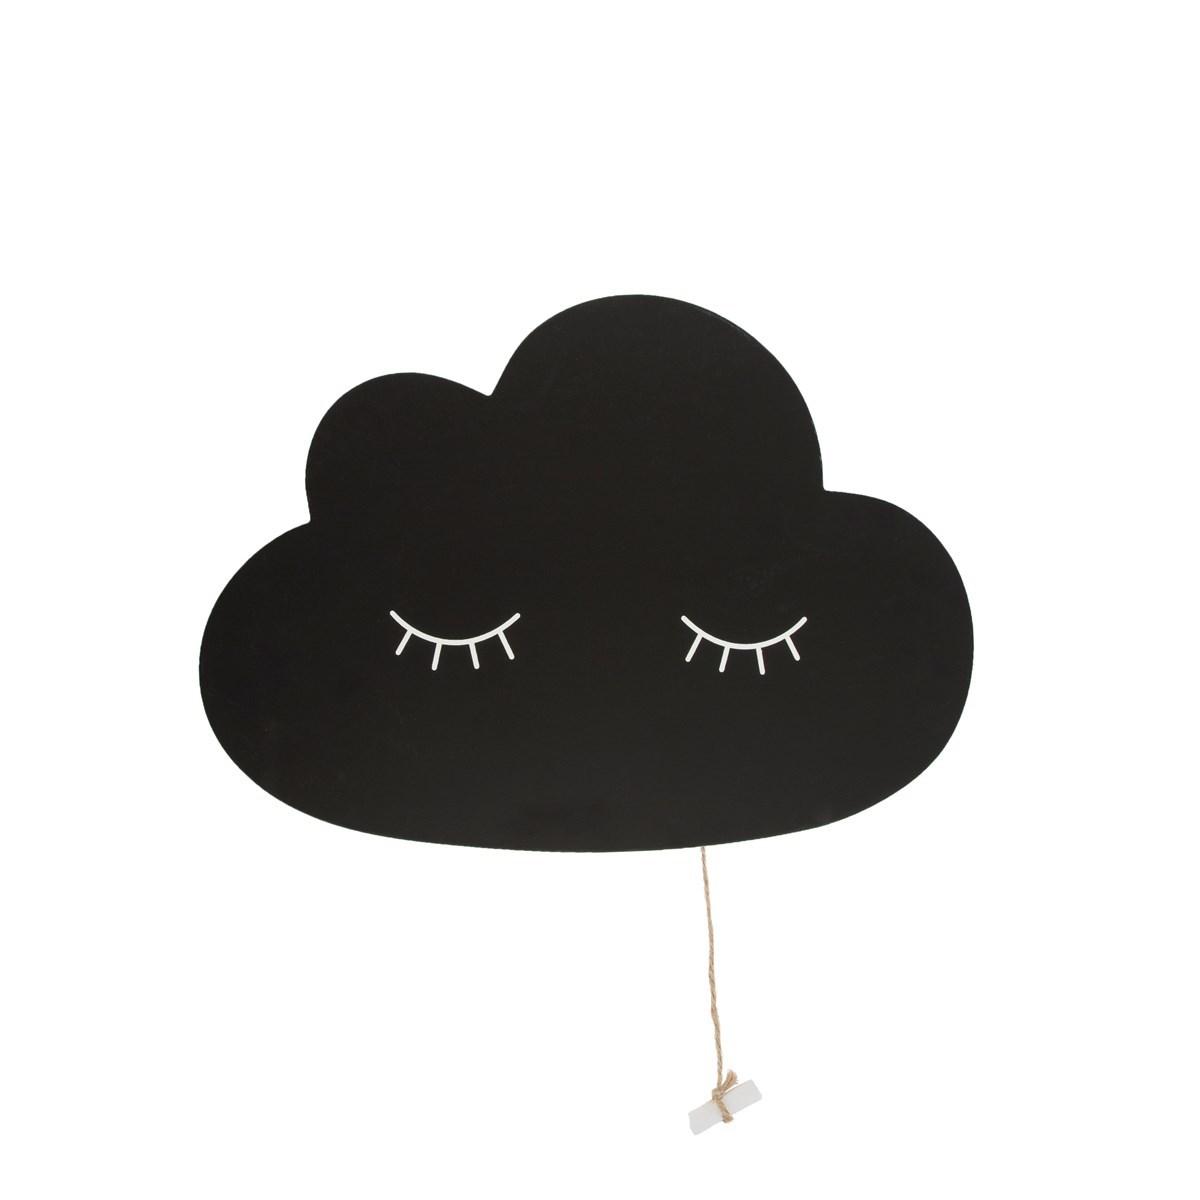 Sweet Dreams Cloud Chalkboard image